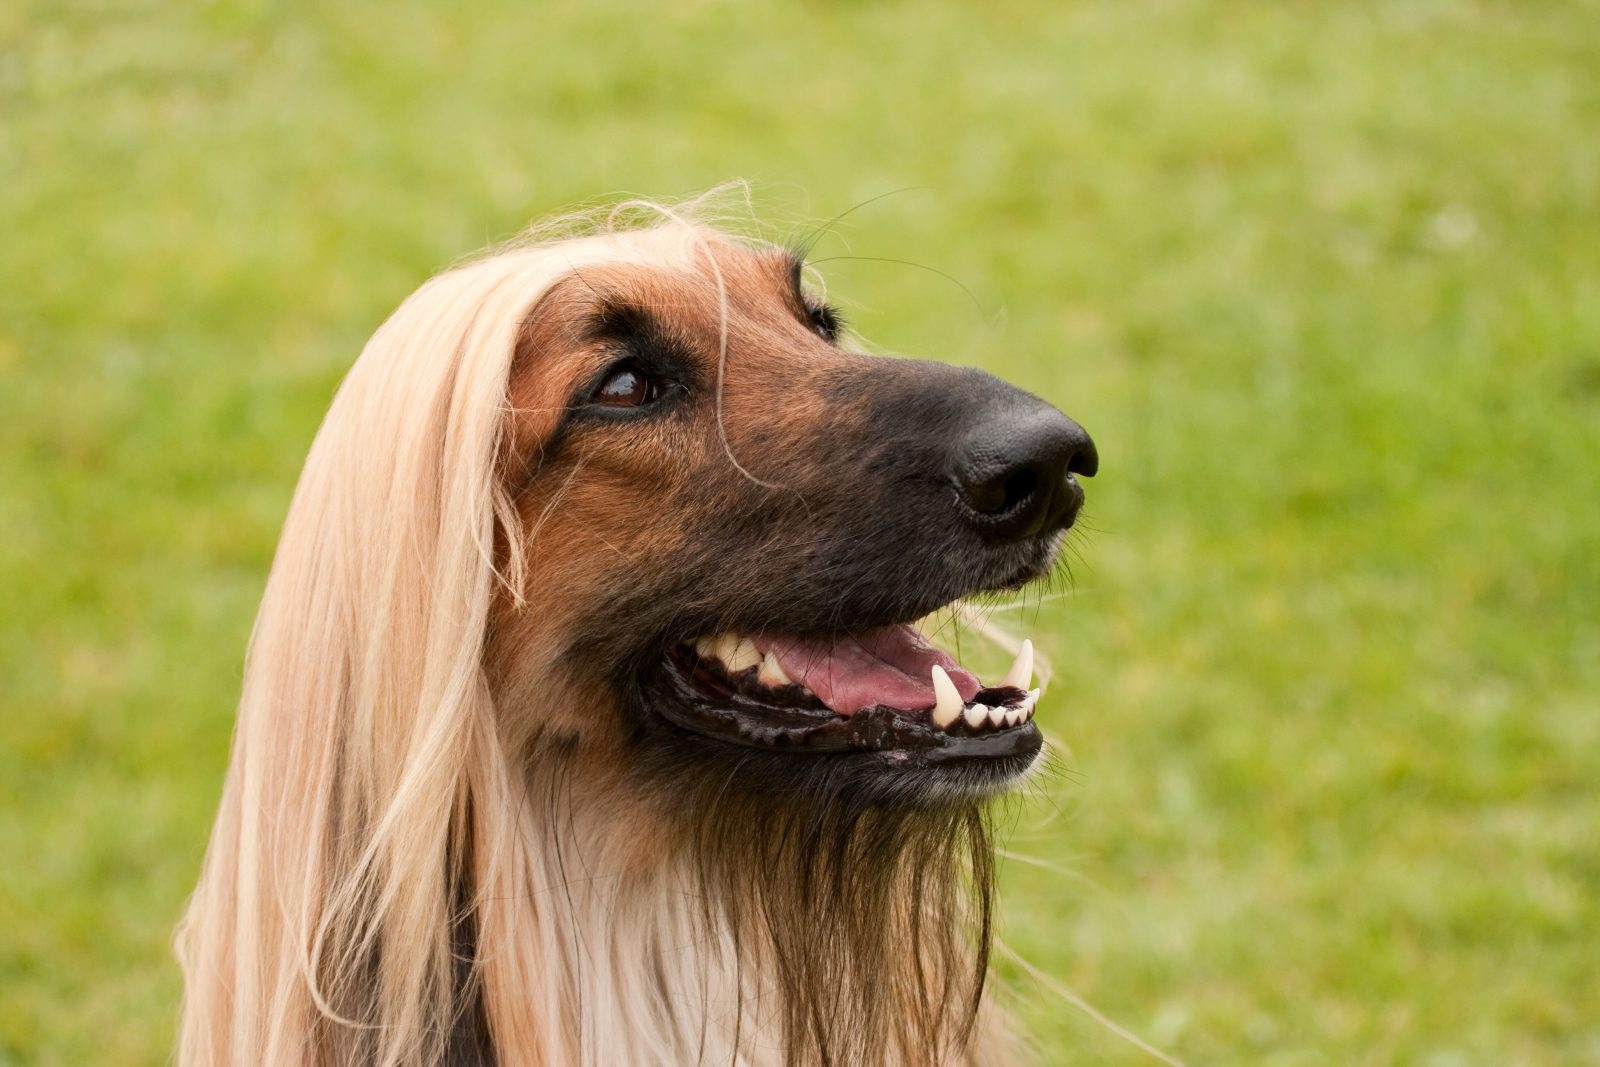 Cachorro de pelo longo: Afghan Hound e seus pelos longos e lisos no gramado do parque.